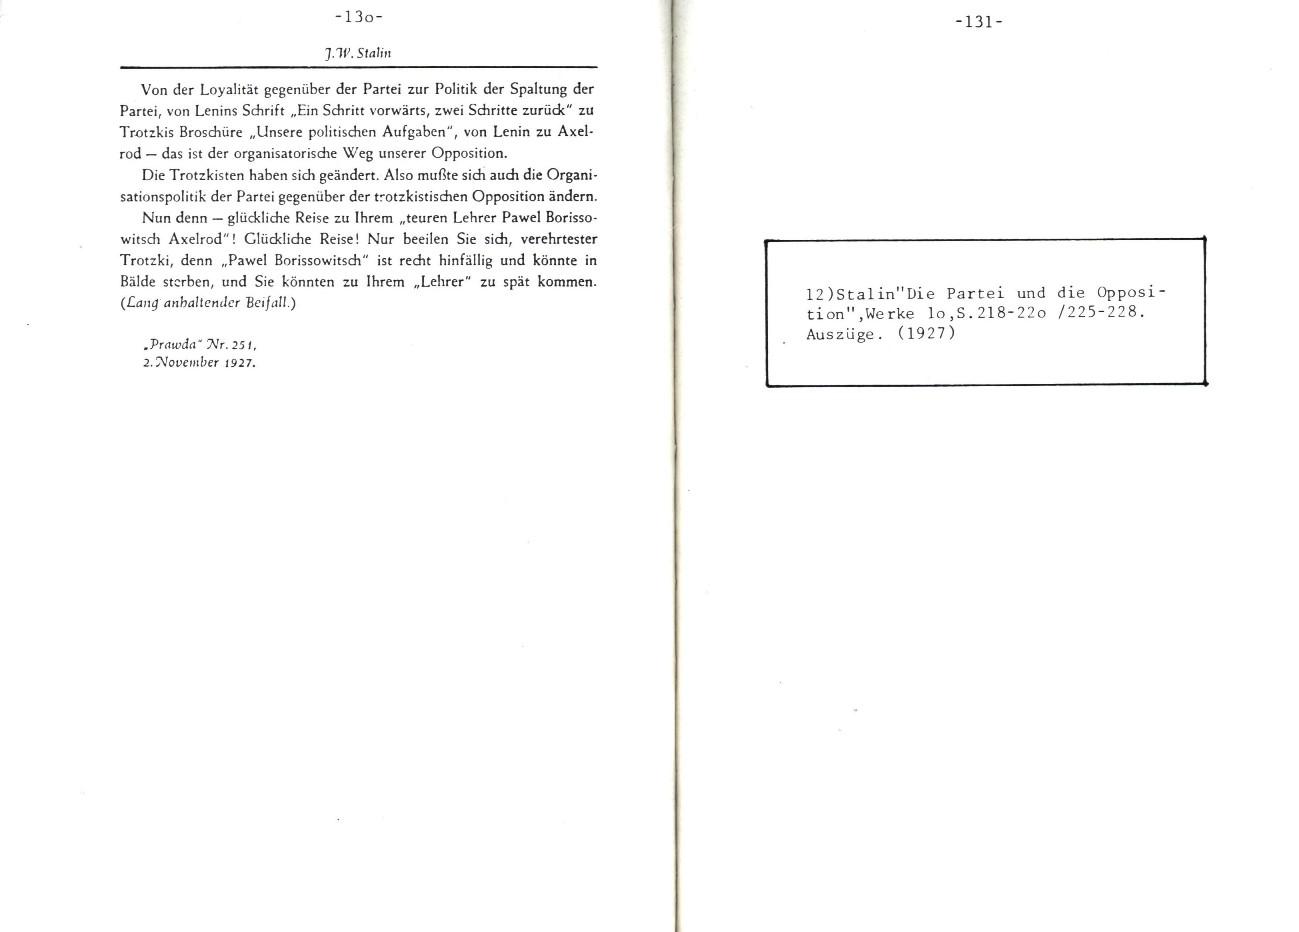 MLSK_Theorie_und_Praxis_des_ML_1979_25_66